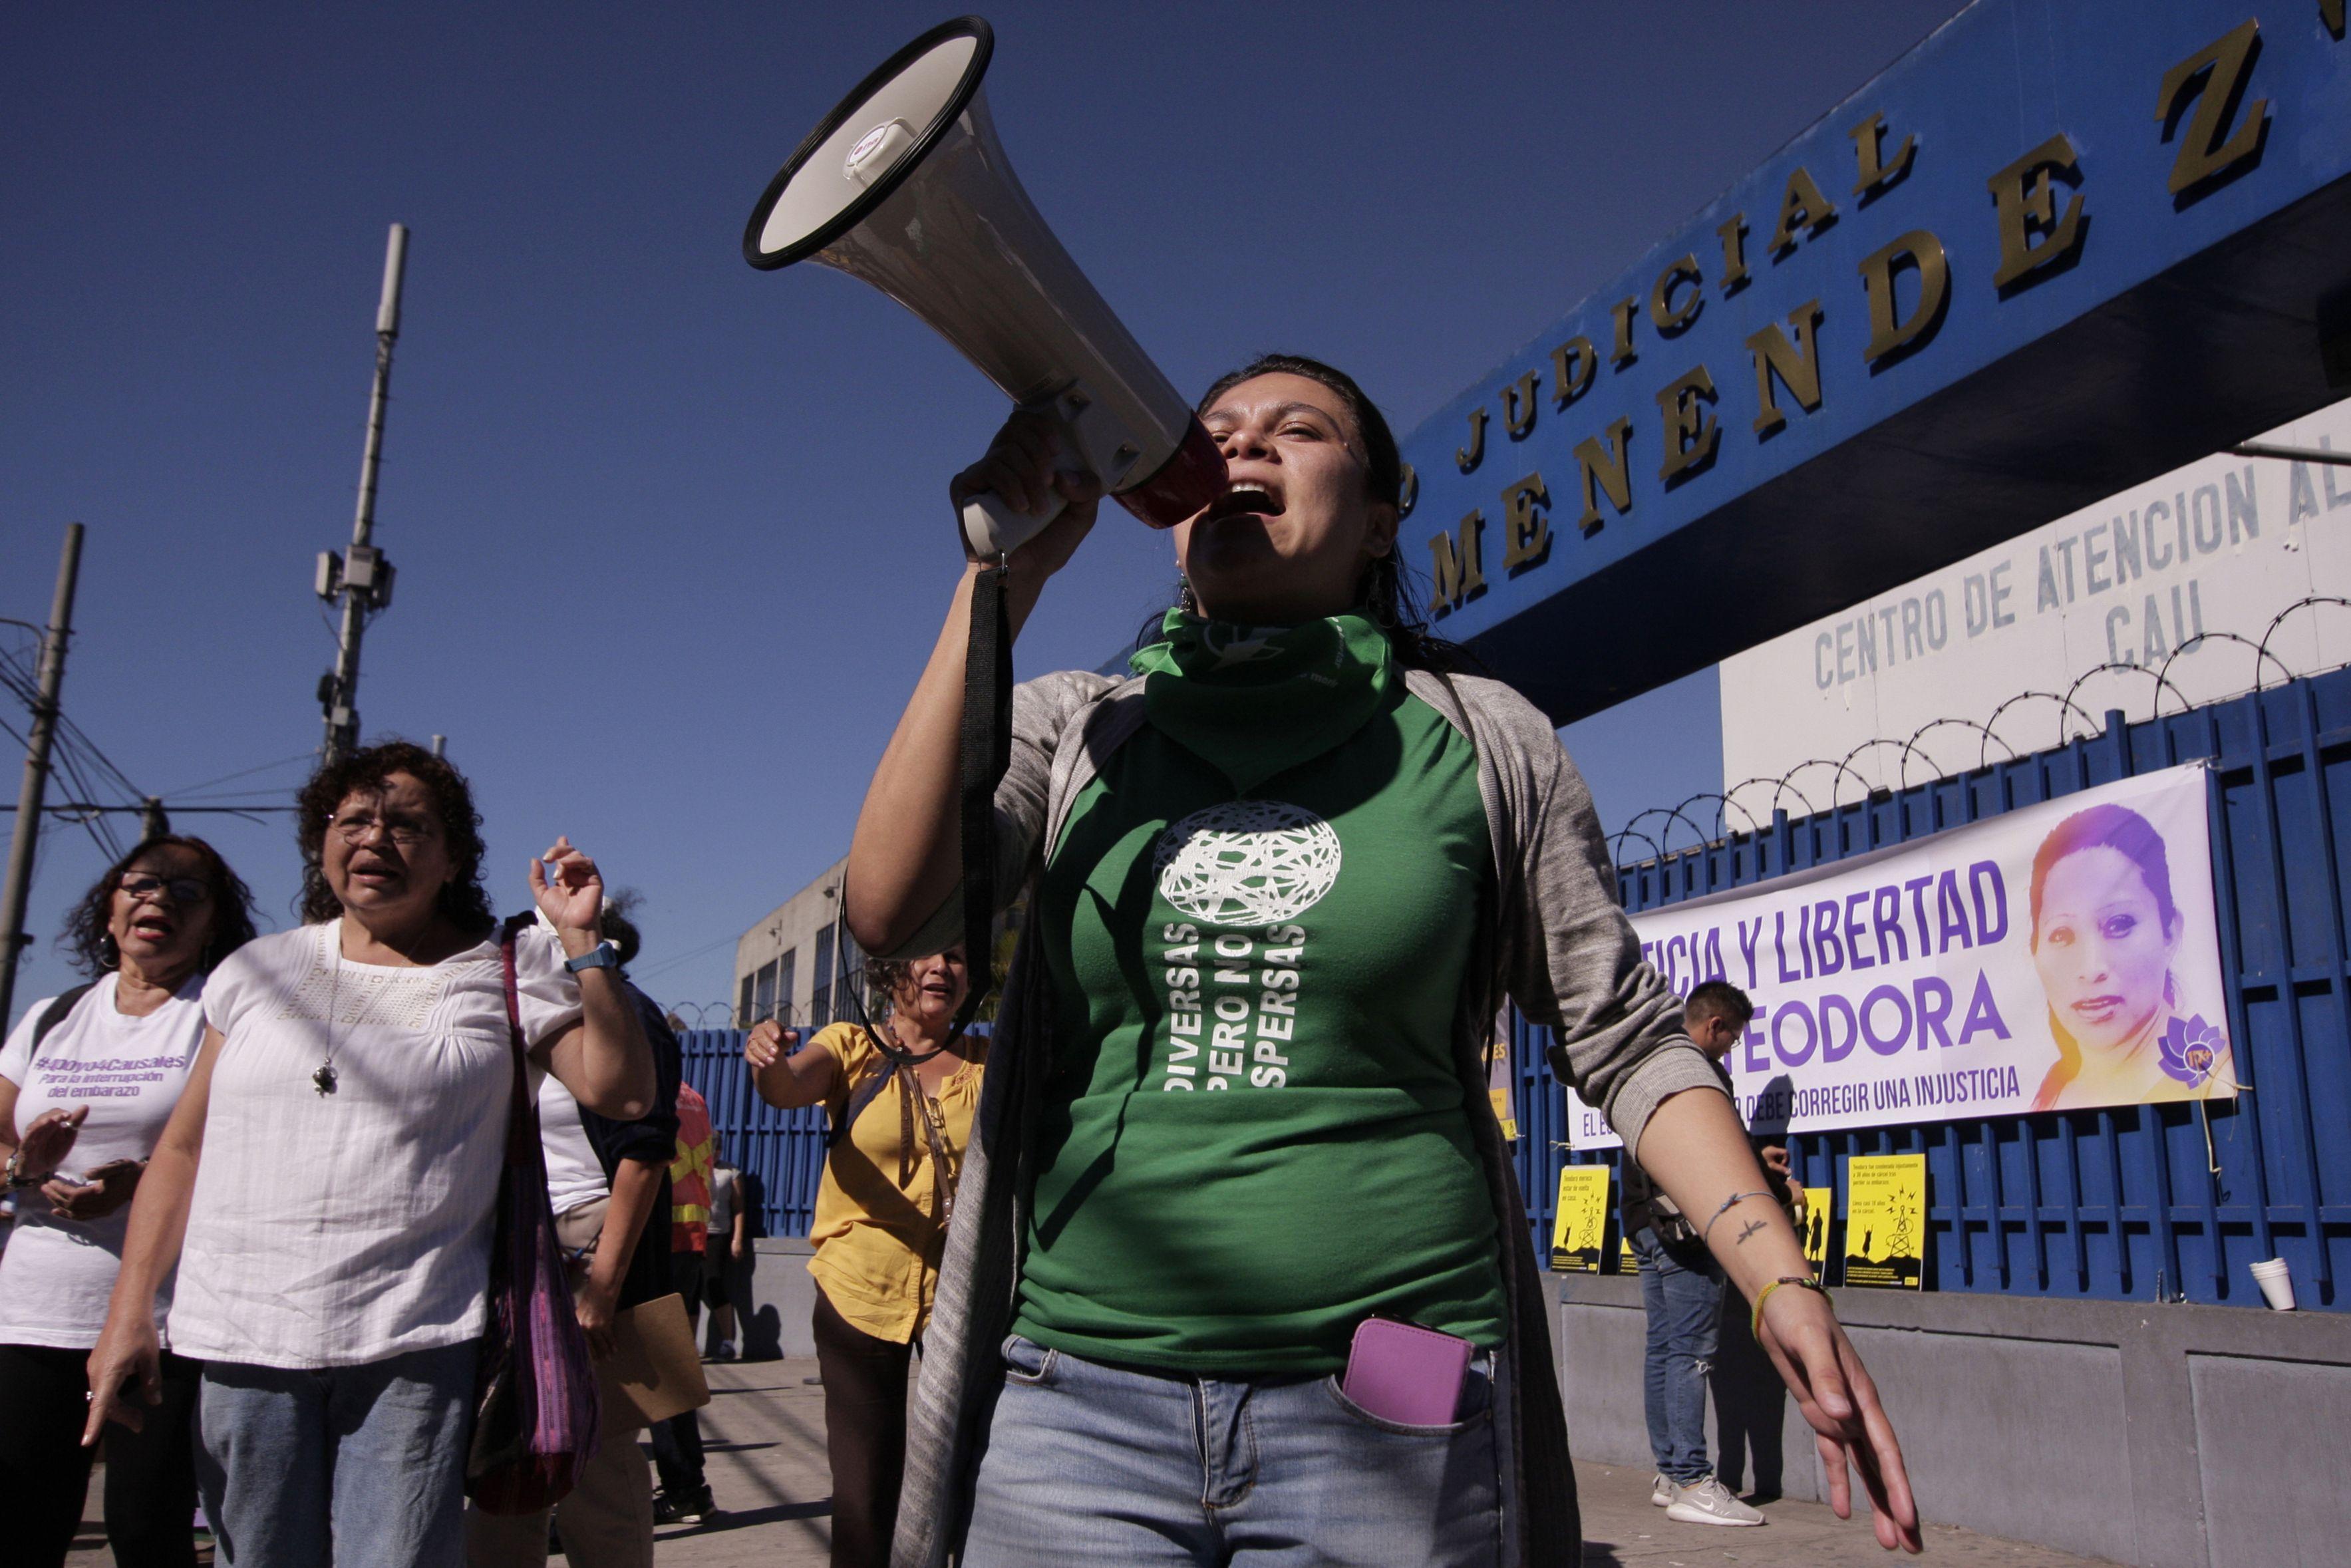 el salvador cierra las puertas a legalizar el aborto